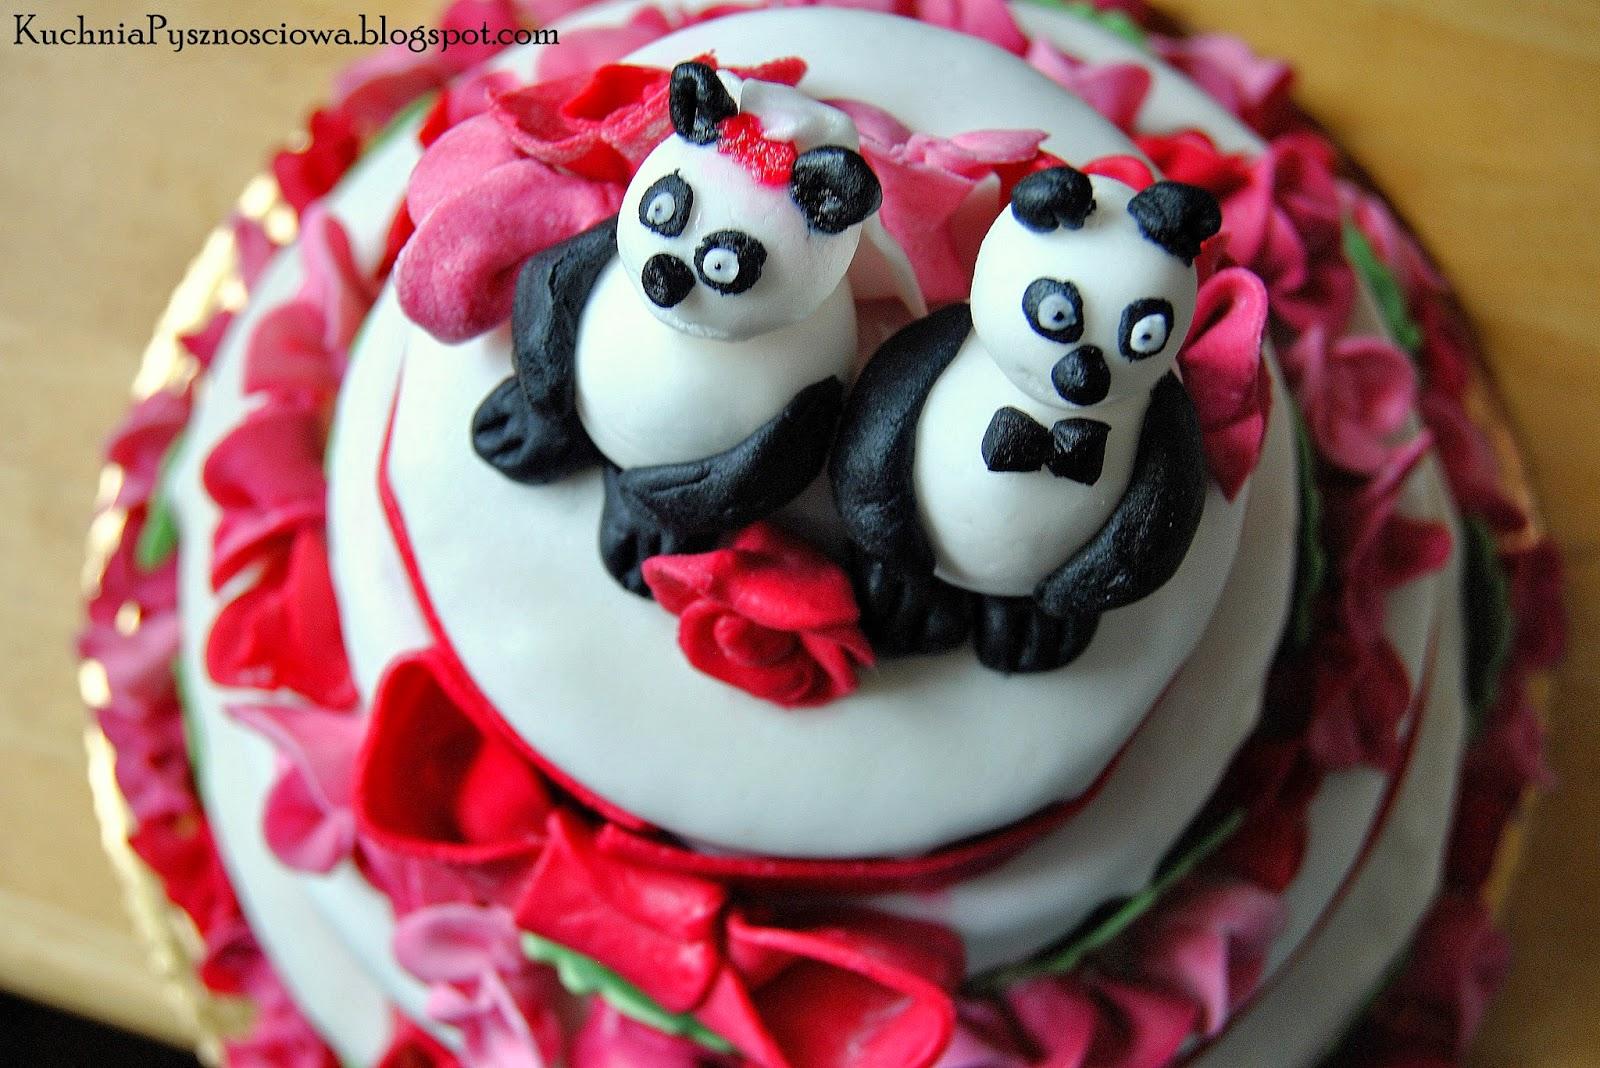 Piętrowy tort weselny z misiami panda